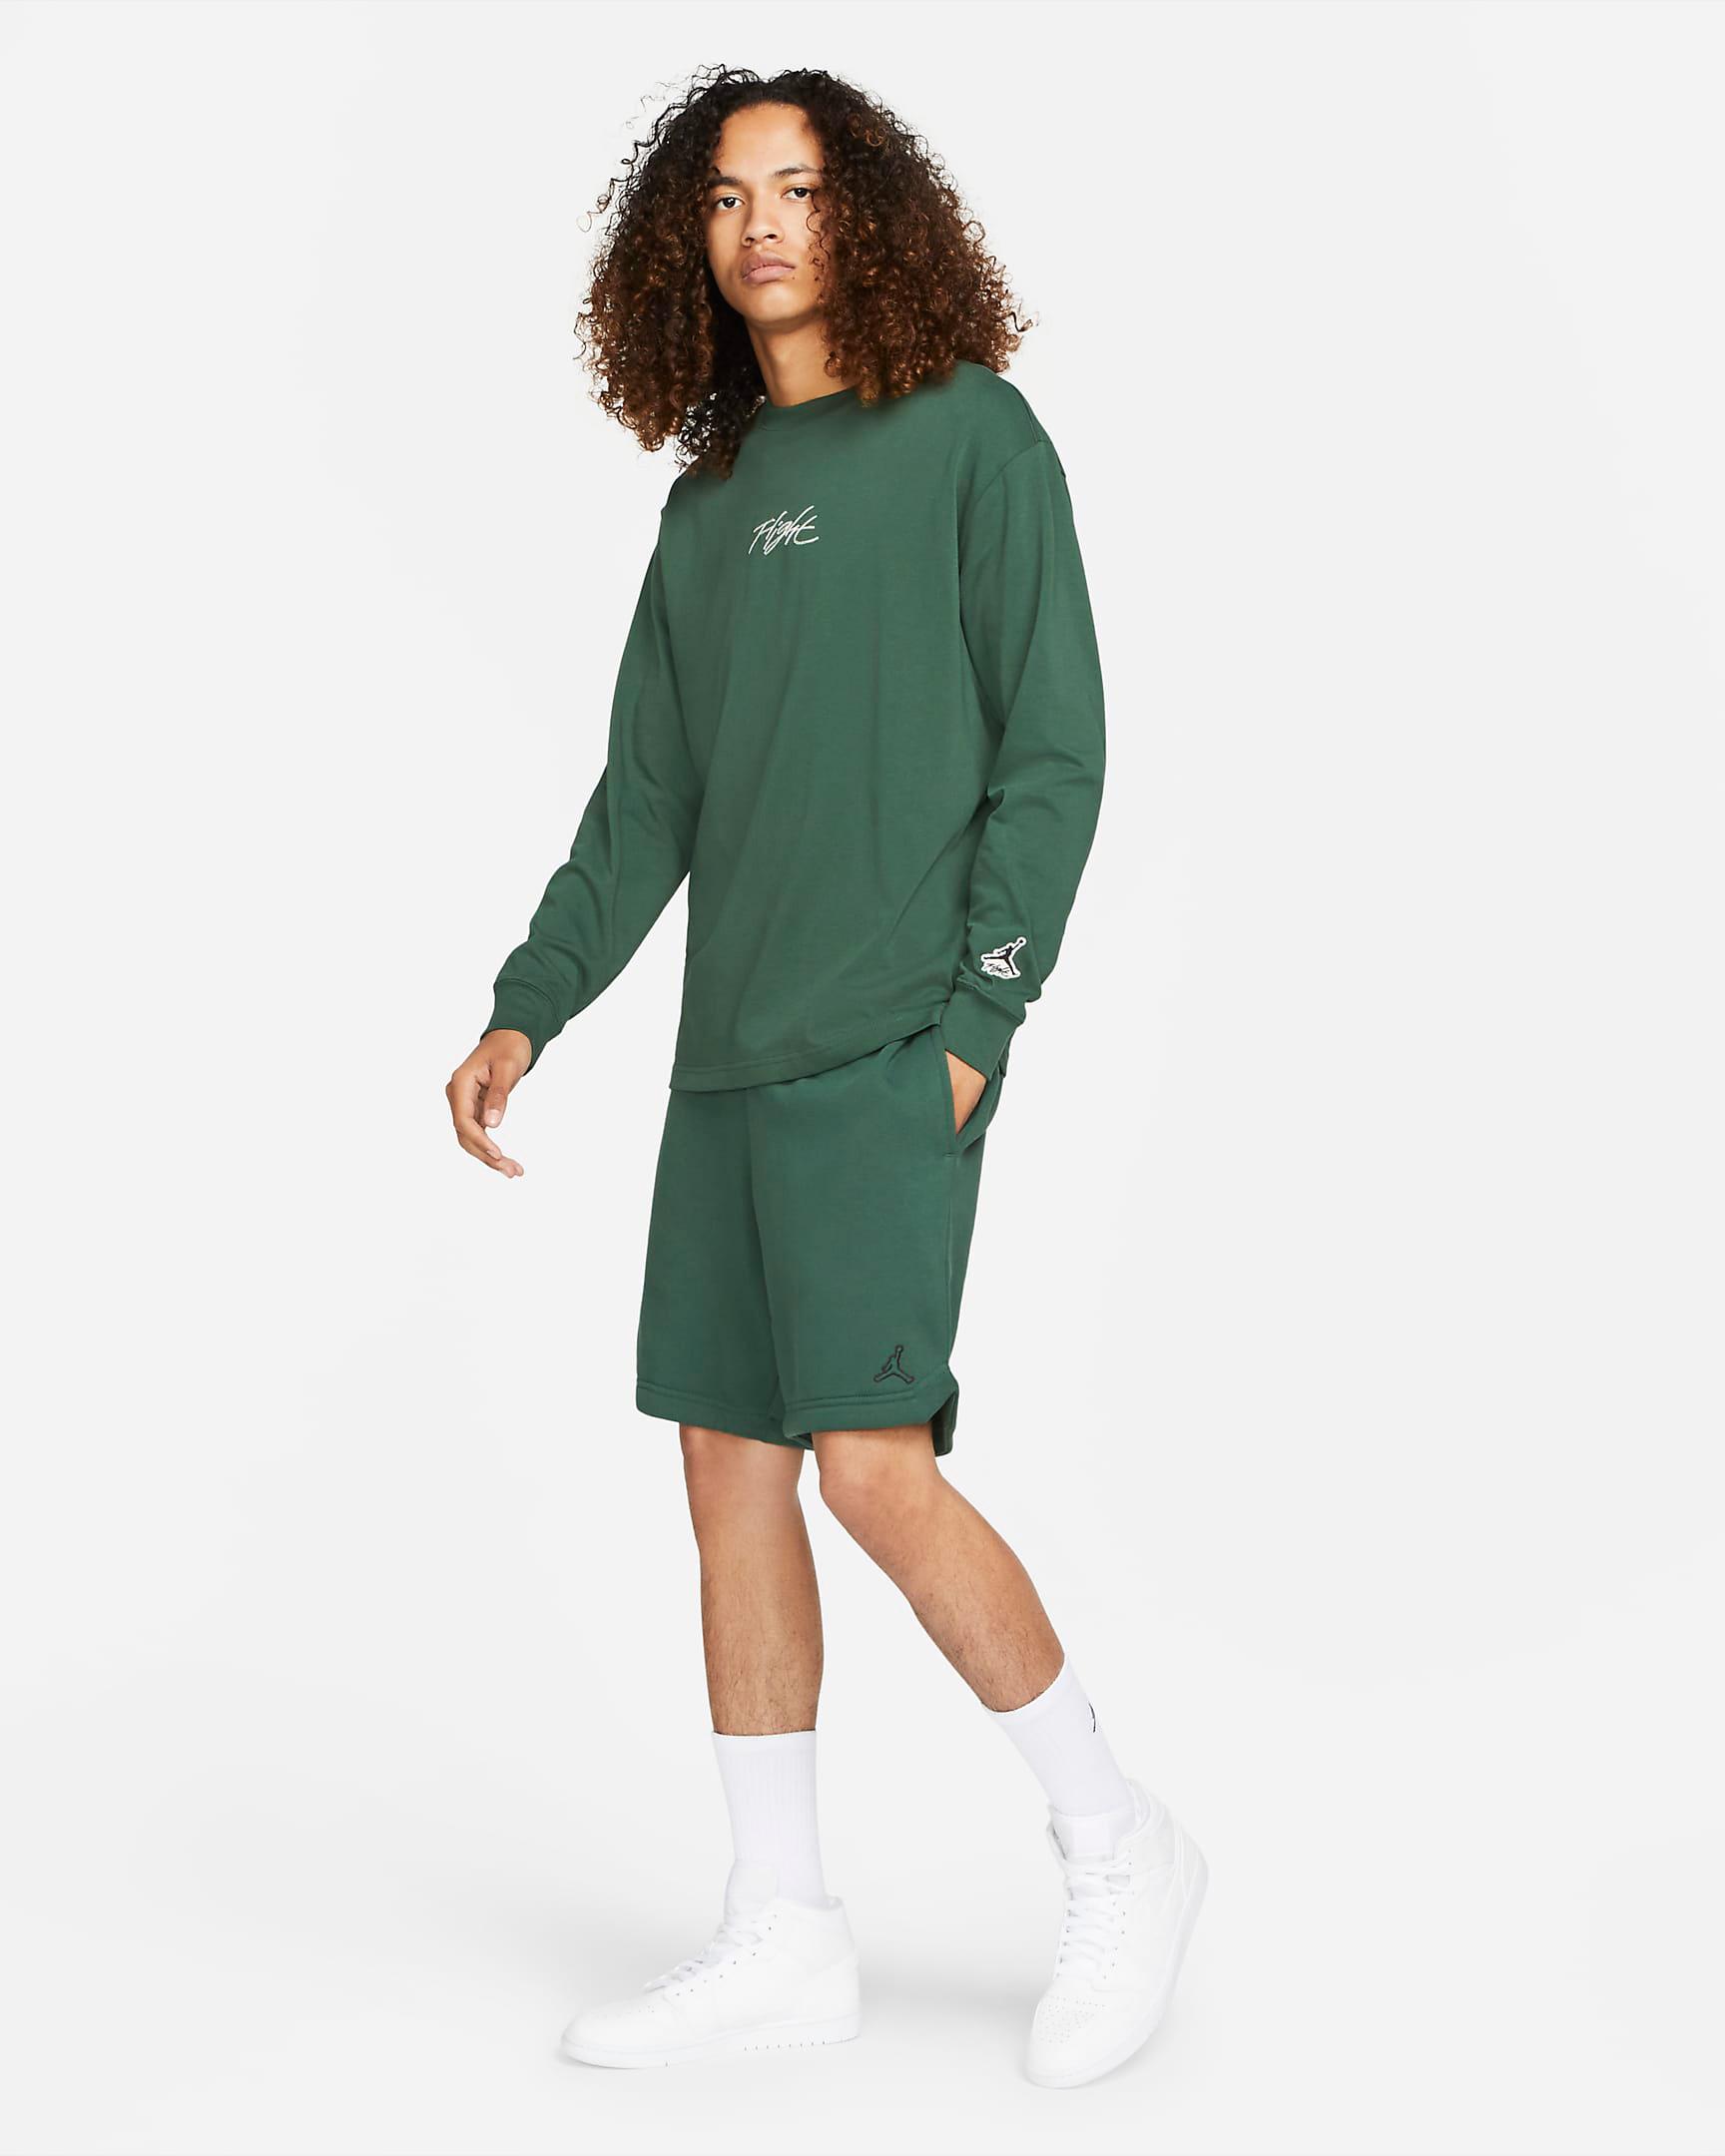 jordan-noble-green-essentials-fleece-shorts-shirt-outfit